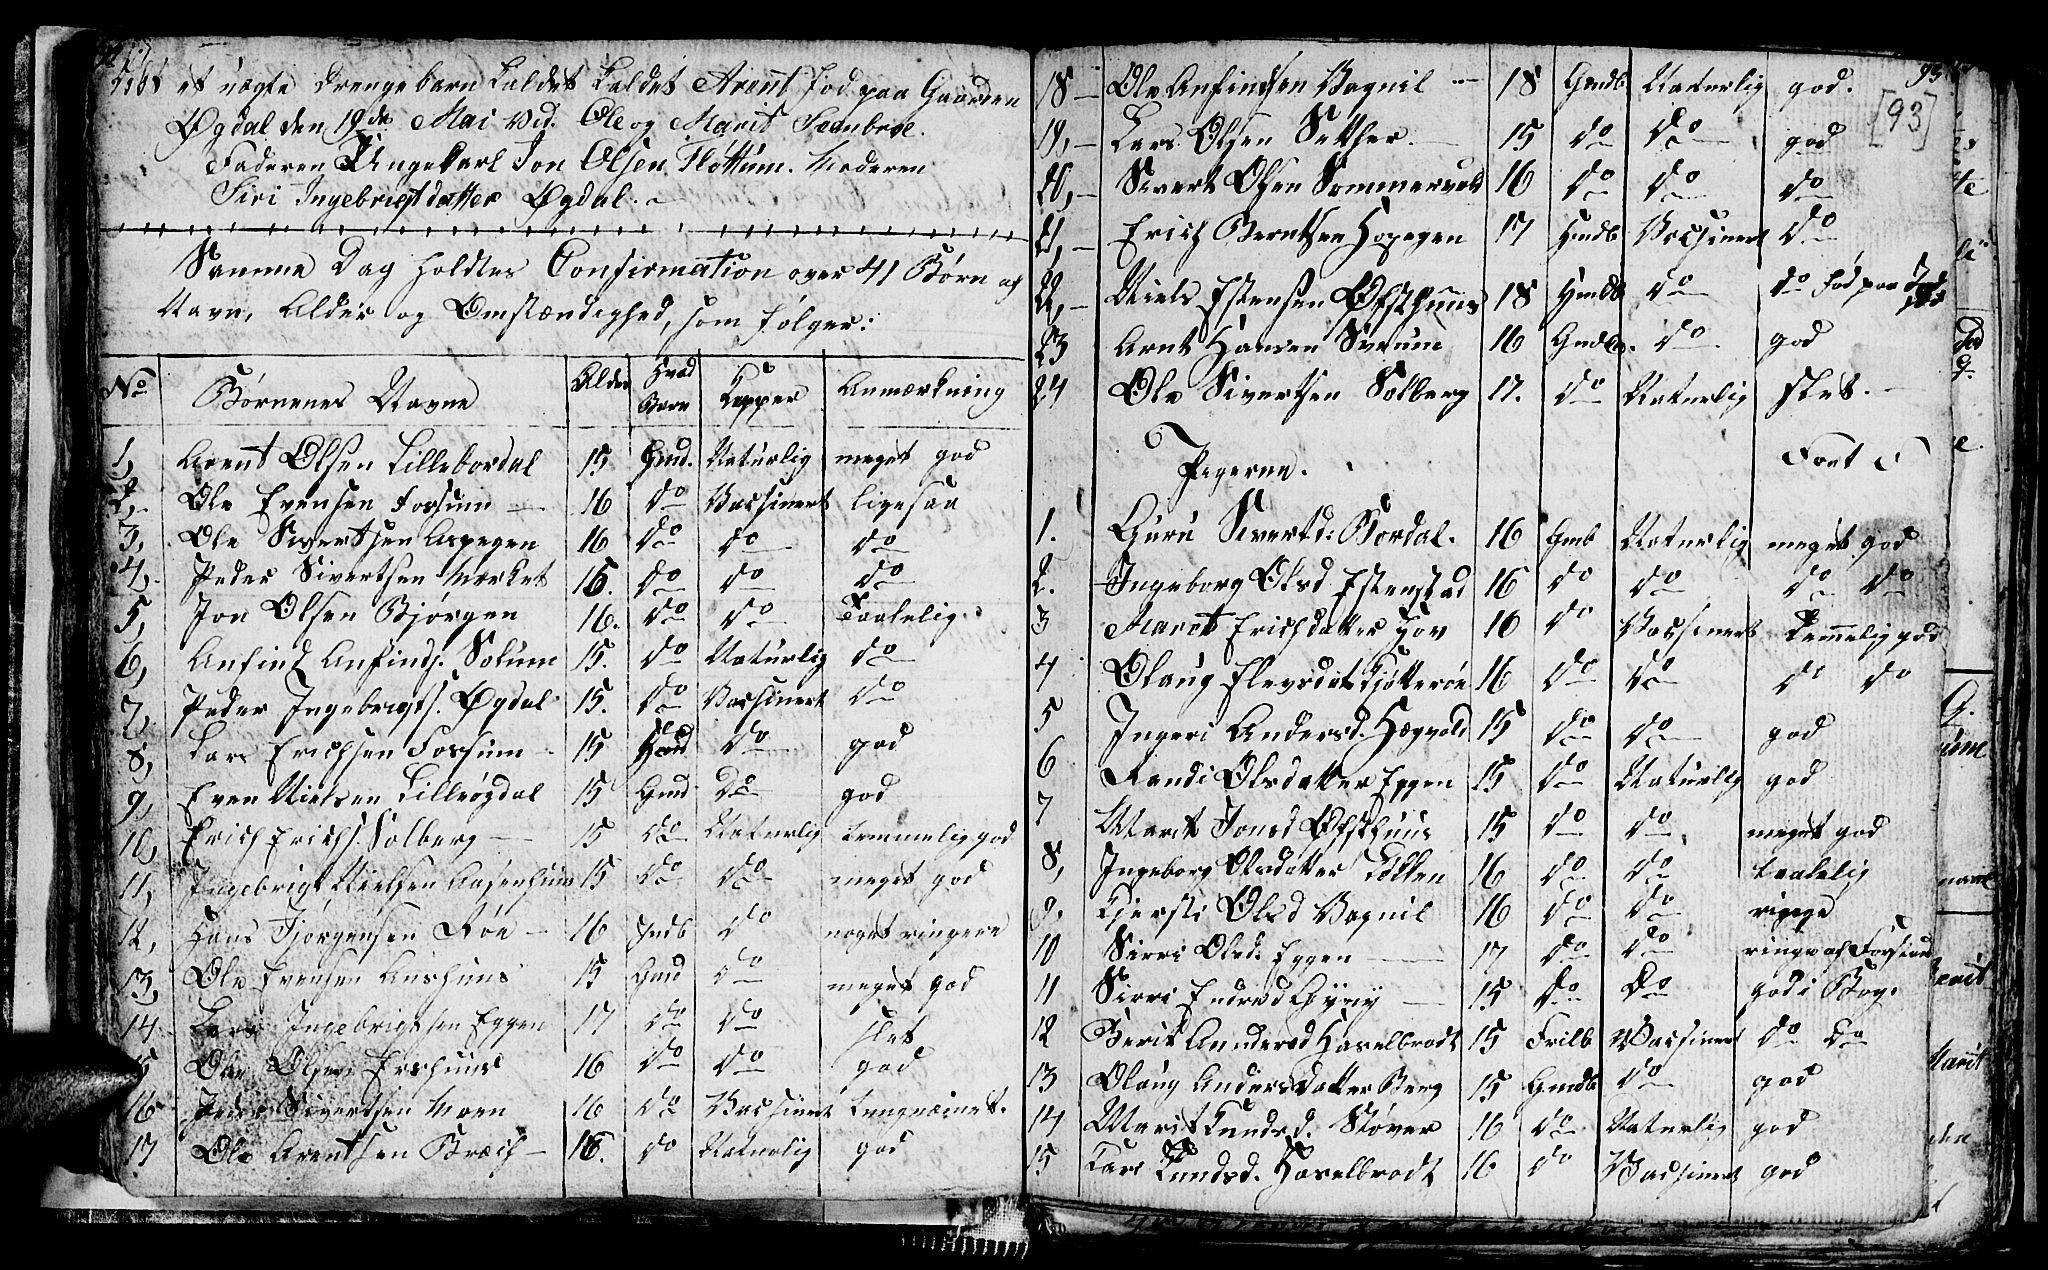 SAT, Ministerialprotokoller, klokkerbøker og fødselsregistre - Sør-Trøndelag, 689/L1042: Klokkerbok nr. 689C01, 1812-1841, s. 92-93